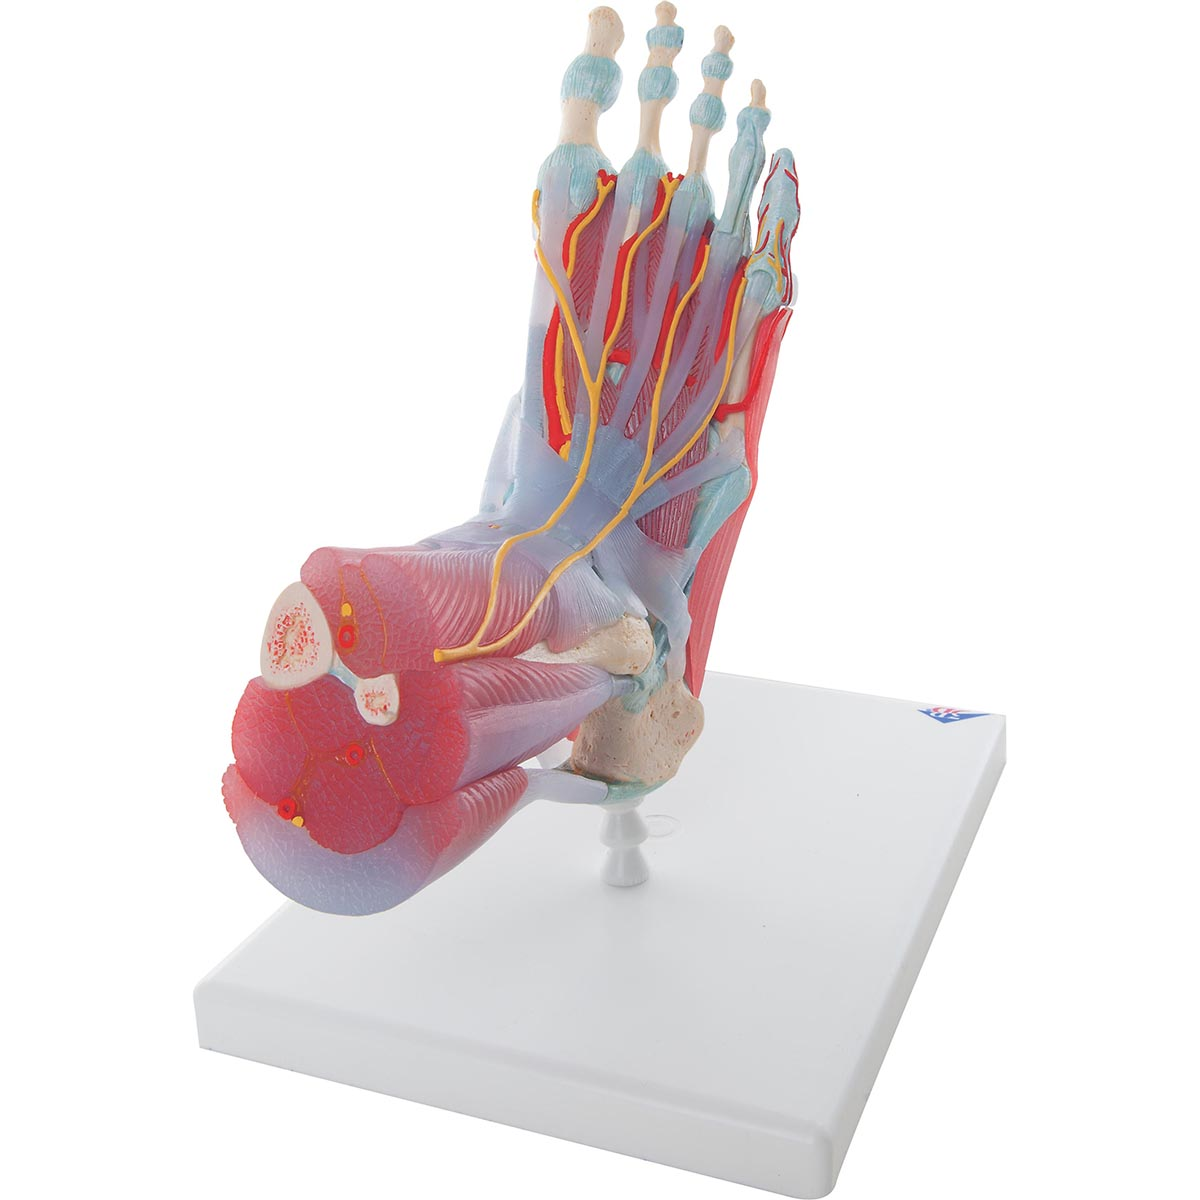 Fot med muskler och ligament